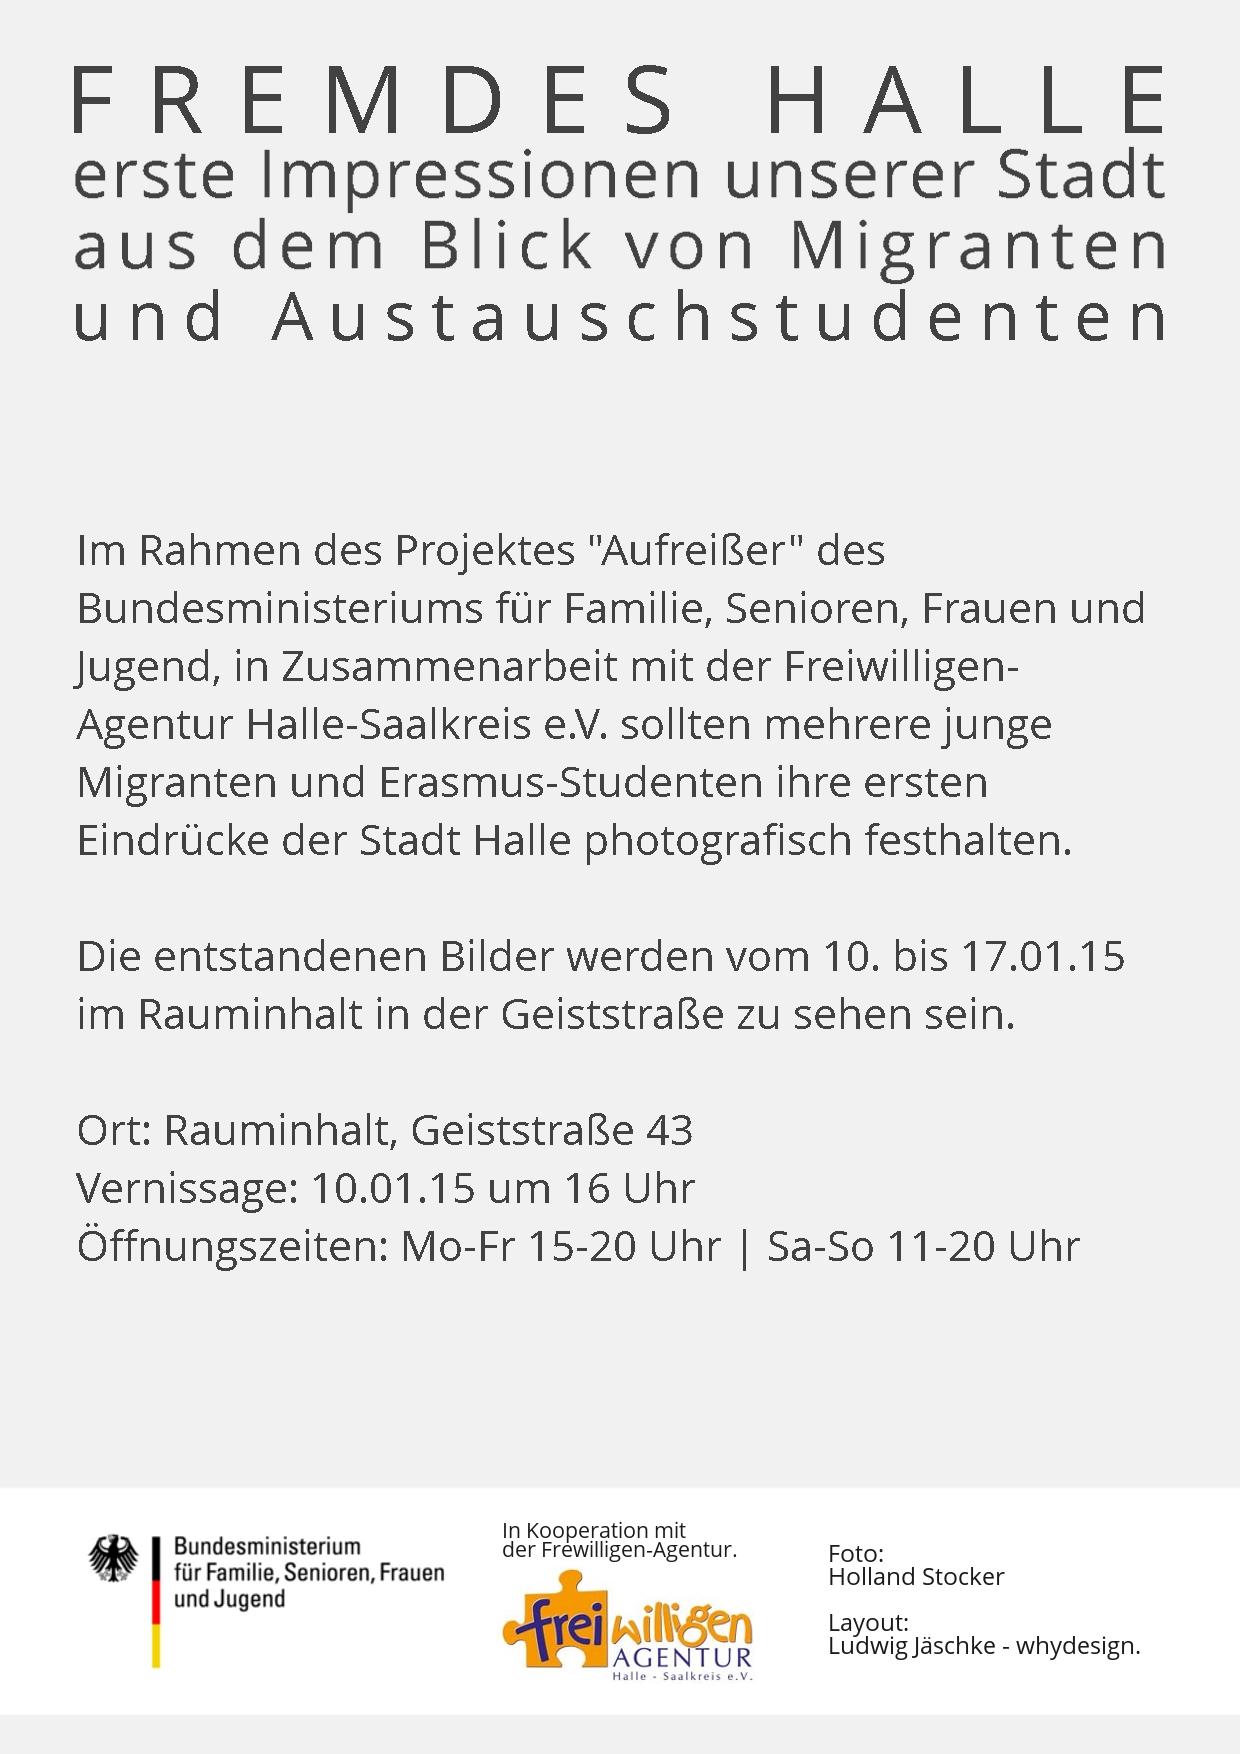 Flyer Fremdes Halle Rückseite